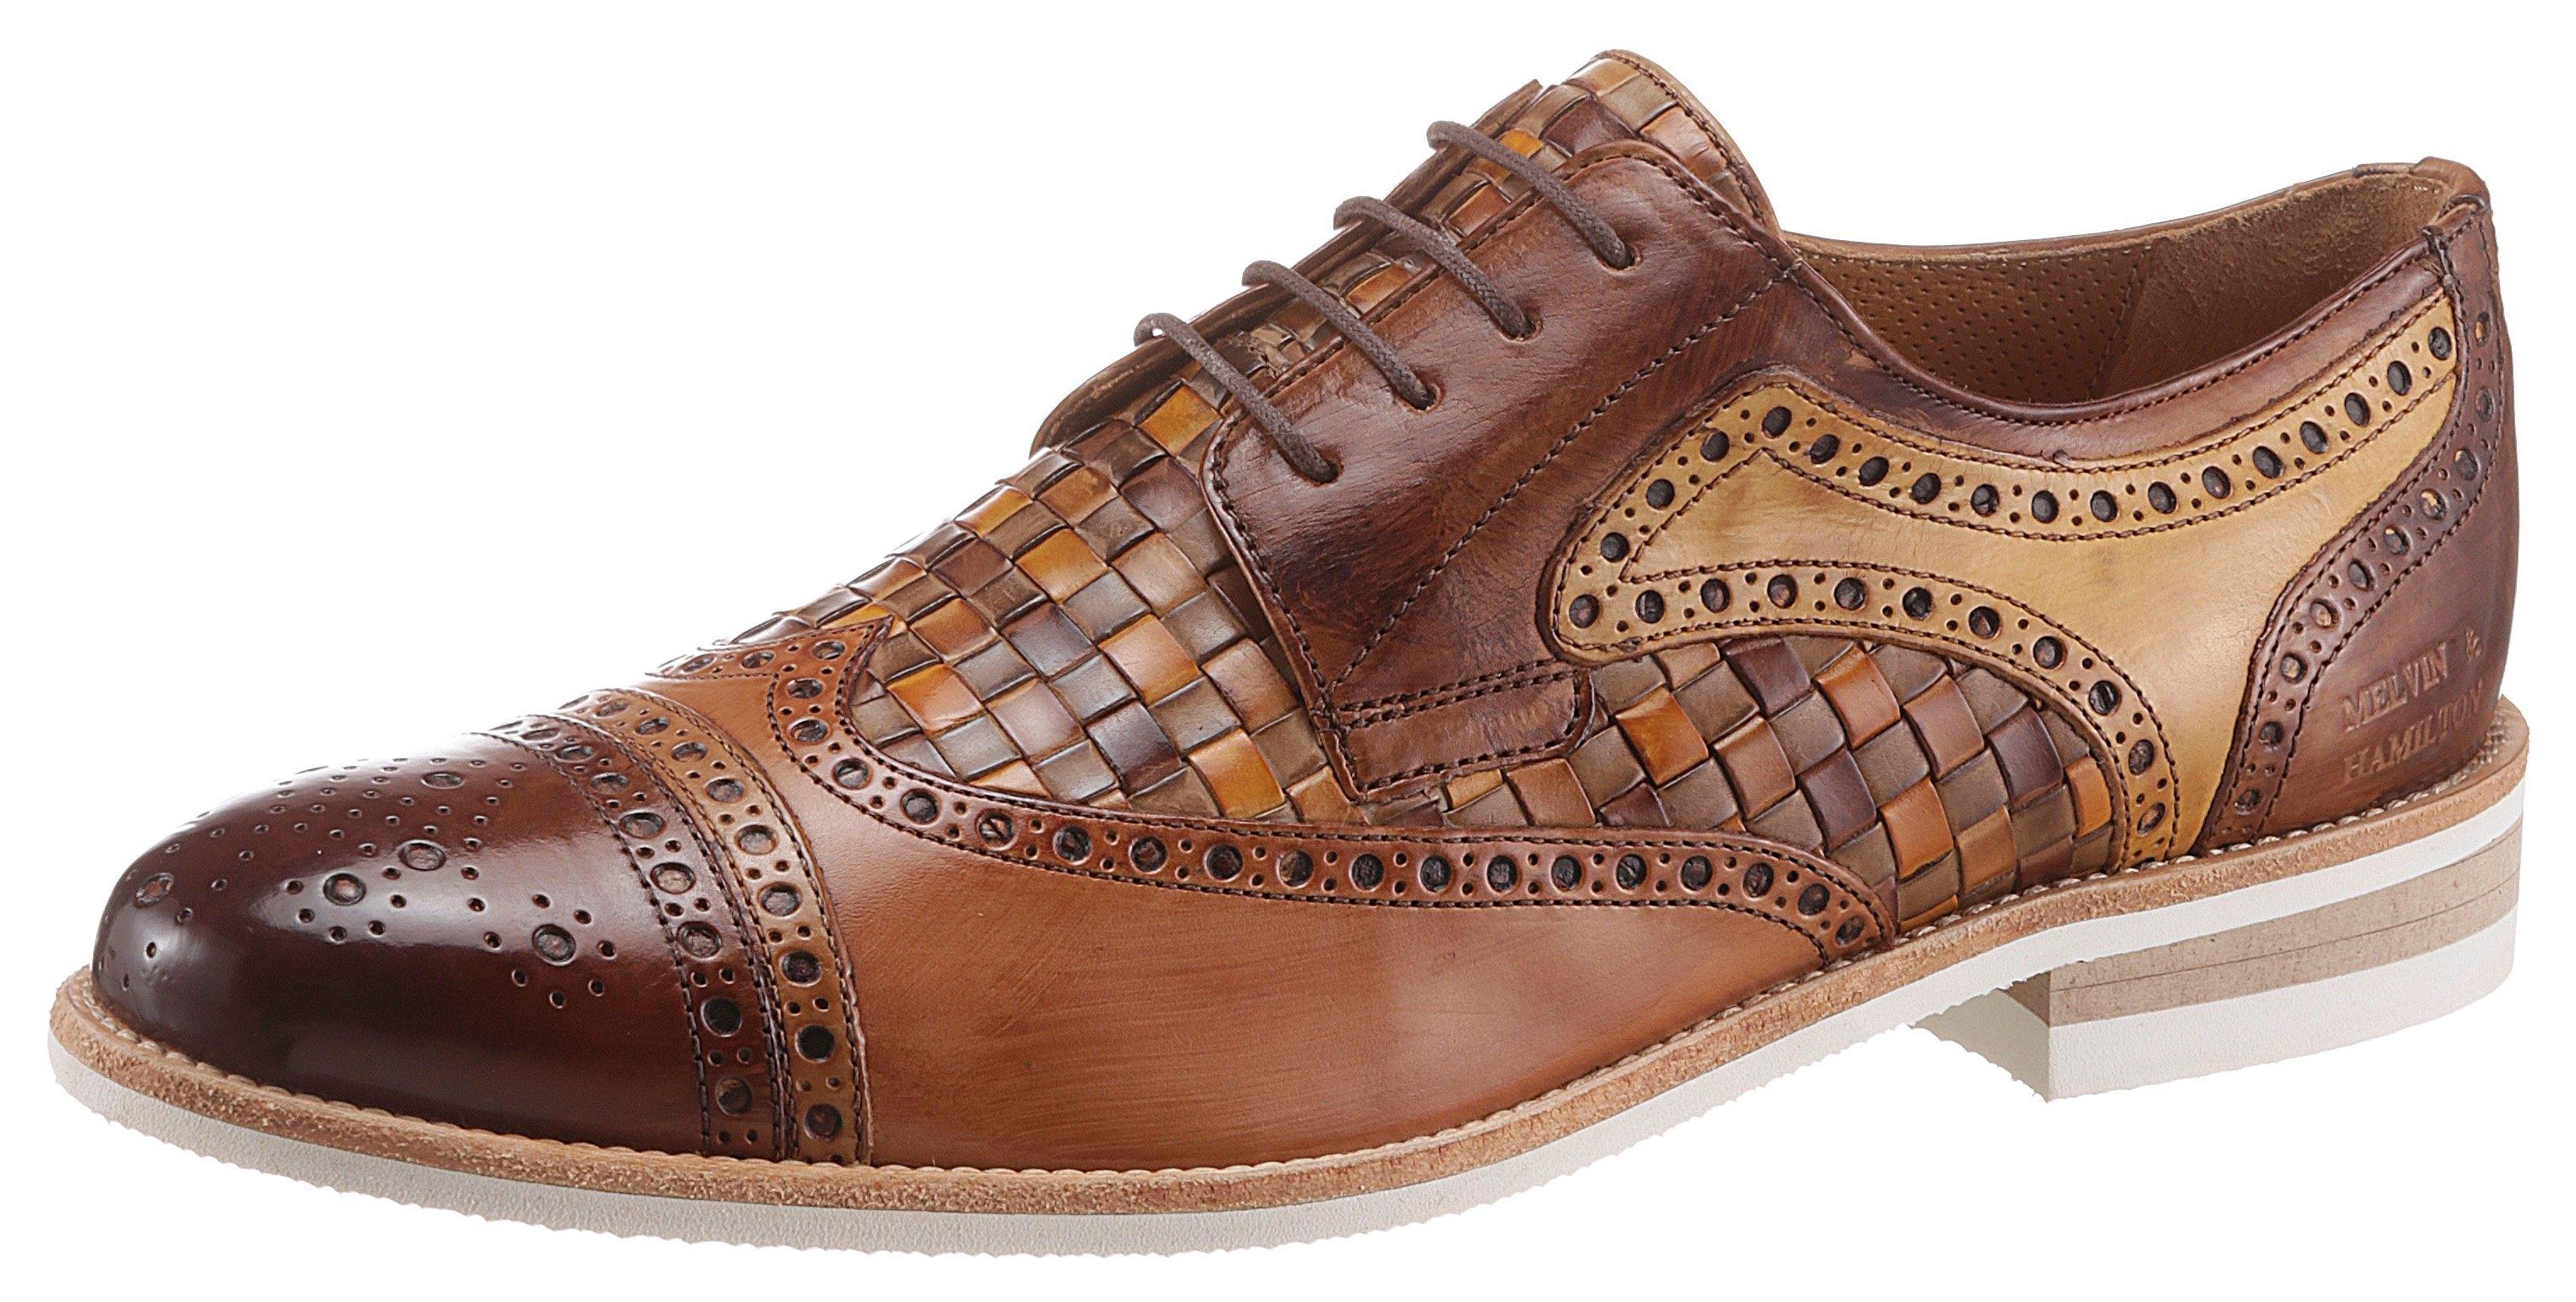 Melvin & Hamilton schoenen met perforatie »Henry 7 nachhaltig« nu online kopen bij OTTO